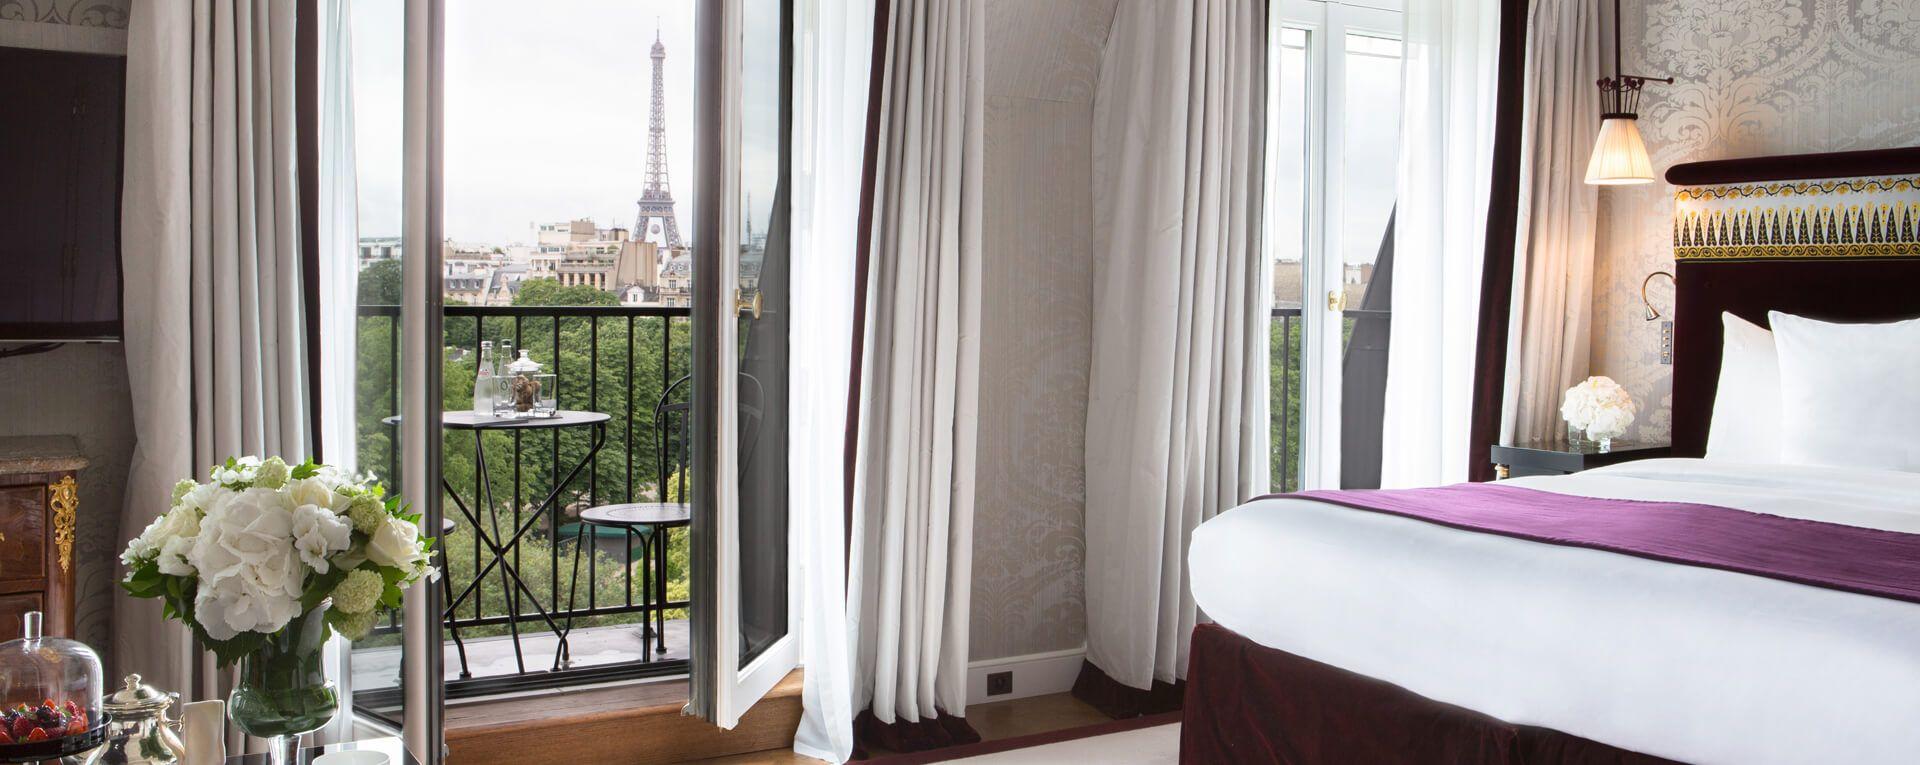 La Réserve, Paris